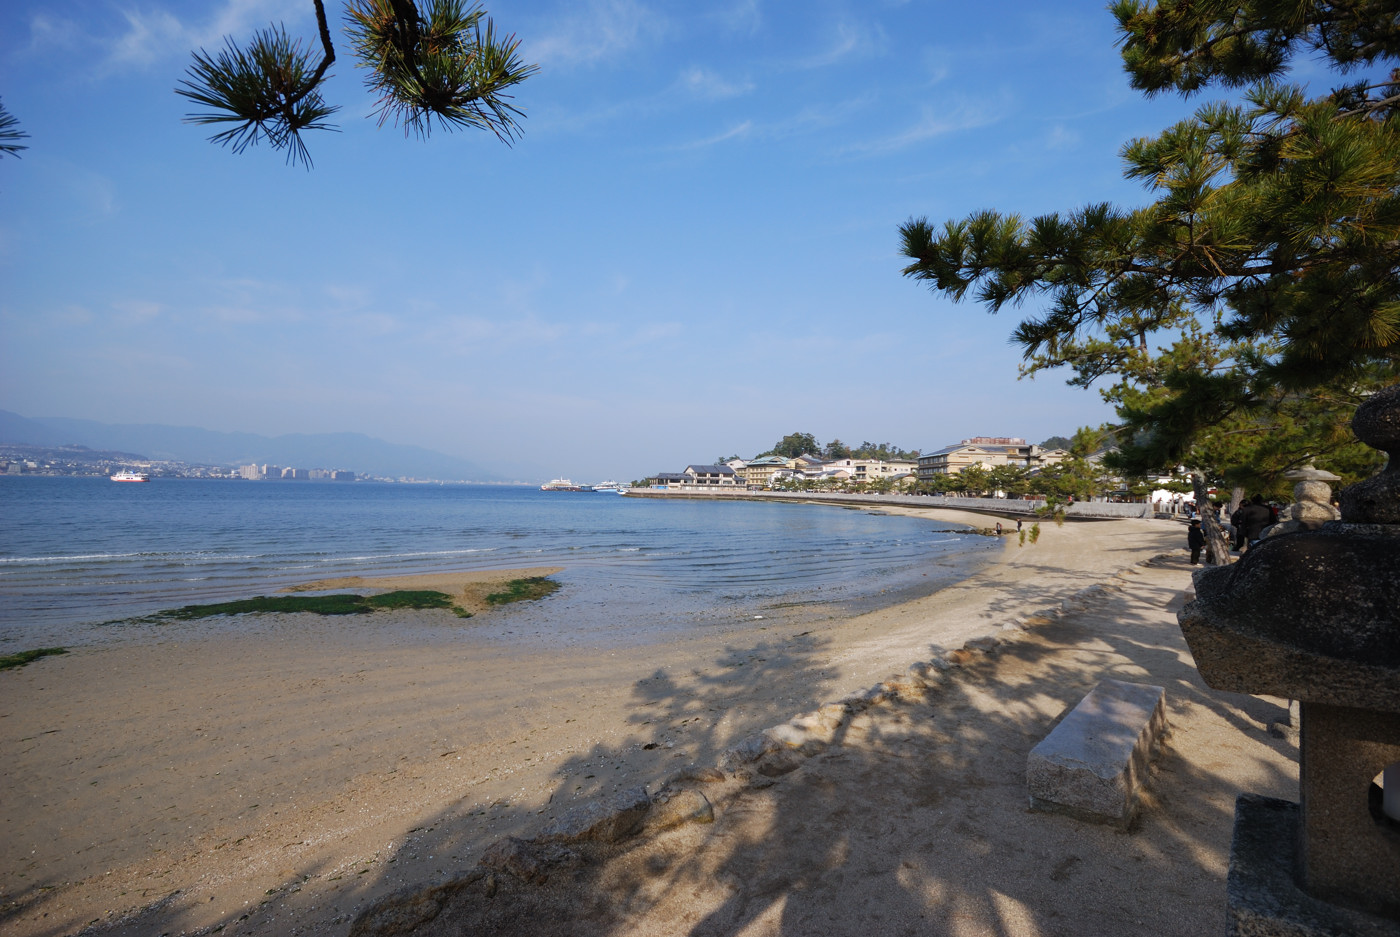 良い感じの砂浜です